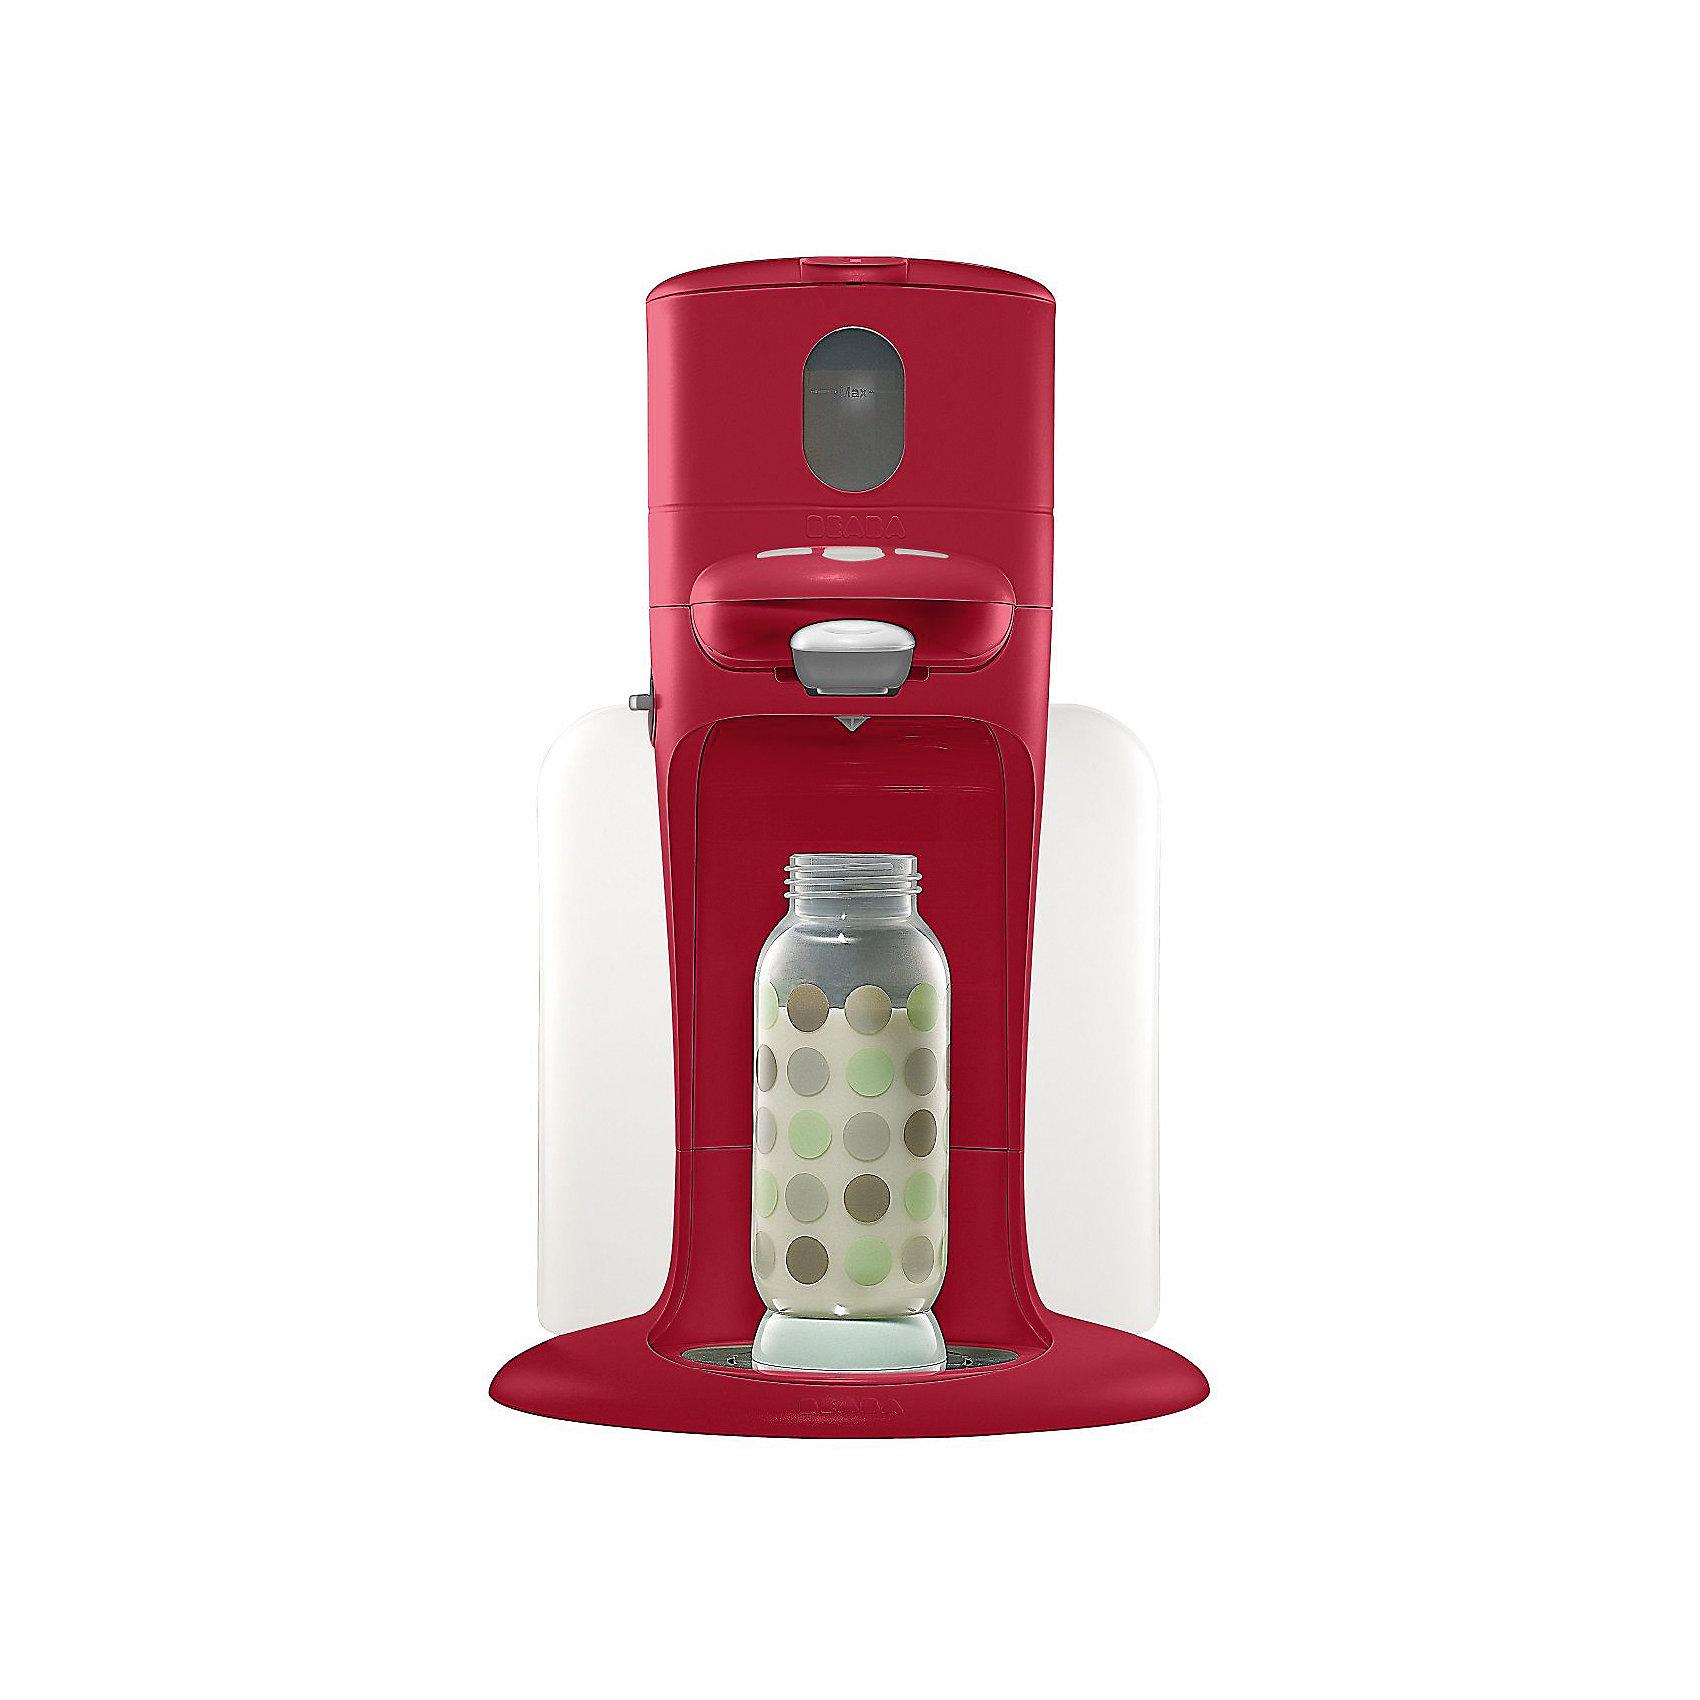 Подогреватель воды 3 в 1, Beaba, красныйДетская бытовая техника<br>Подогреватель воды 3 в 1, Beaba (Беаба), красный<br><br>Характеристики:<br><br>• быстро нагревает воду и детское питание до 37°<br>• время нагрева - 30 секунд<br>• нагревание с помощью воды полностью безопасно для ребенка<br>• равномерное распределение температуры<br>• световой и звуковой сигнал<br>• система самоочистки<br>• контейнер для стерилизации и хранения 3-х стандартных бутылочек<br>• материал: пластик<br>• размер упаковки: 36,5х26,5х23,5 см<br>• вес: 1720 грамм<br>• цвет: красный<br><br>Подогреватель воды Beaba поможет вам быстро накормить проголодавшегося кроху. За считанные секунды он нагревает воду и детское питание до рекомендуемой температуры 37°. Нагревание происходит при помощи потока воды, который, к тому, же помогает равномерно распределить температуру по всей бутылочке. Световой и звуковой сигнал оповестят вас об окончании подогрева. Подогреватель оснащен системой самоочистки и автоотключением.<br><br>Подогреватель воды 3 в 1, Beaba (Беаба), красный вы можете купить в нашем интернет-магазине.<br><br>Ширина мм: 260<br>Глубина мм: 232<br>Высота мм: 355<br>Вес г: 2080<br>Возраст от месяцев: -2147483648<br>Возраст до месяцев: 2147483647<br>Пол: Унисекс<br>Возраст: Детский<br>SKU: 5445697